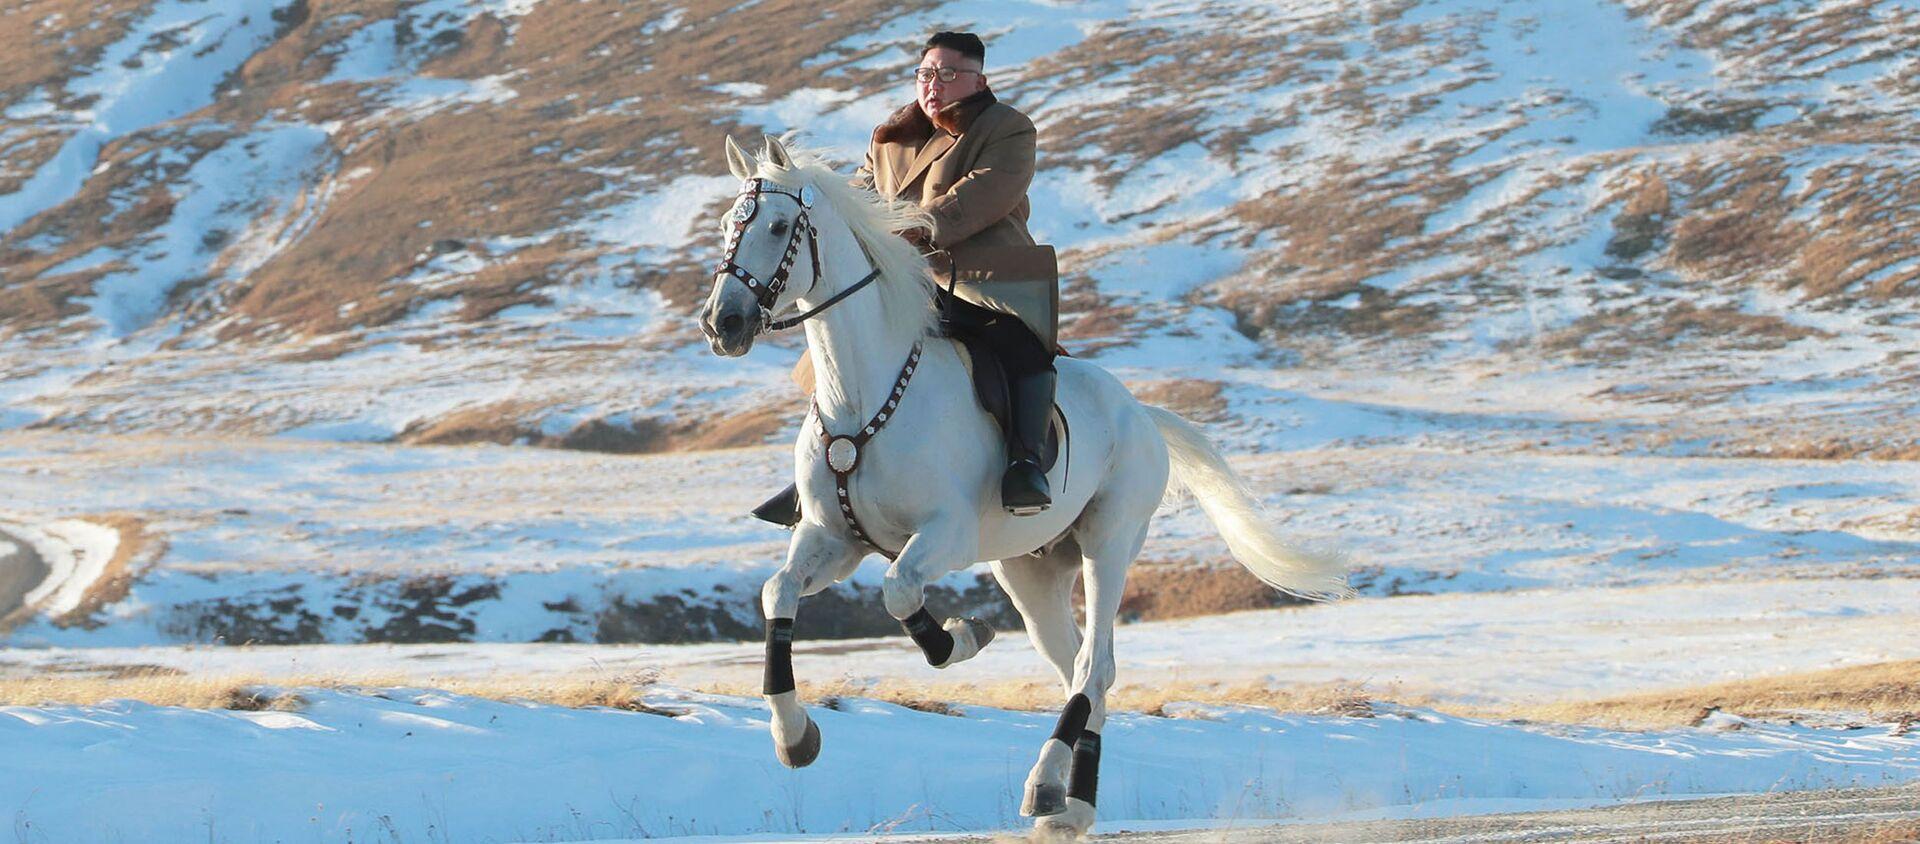 Северокорейский лидер Ким Чен Ын скачет на лошади во время снегопада на горе Паекту - Sputnik Абхазия, 1920, 16.10.2019